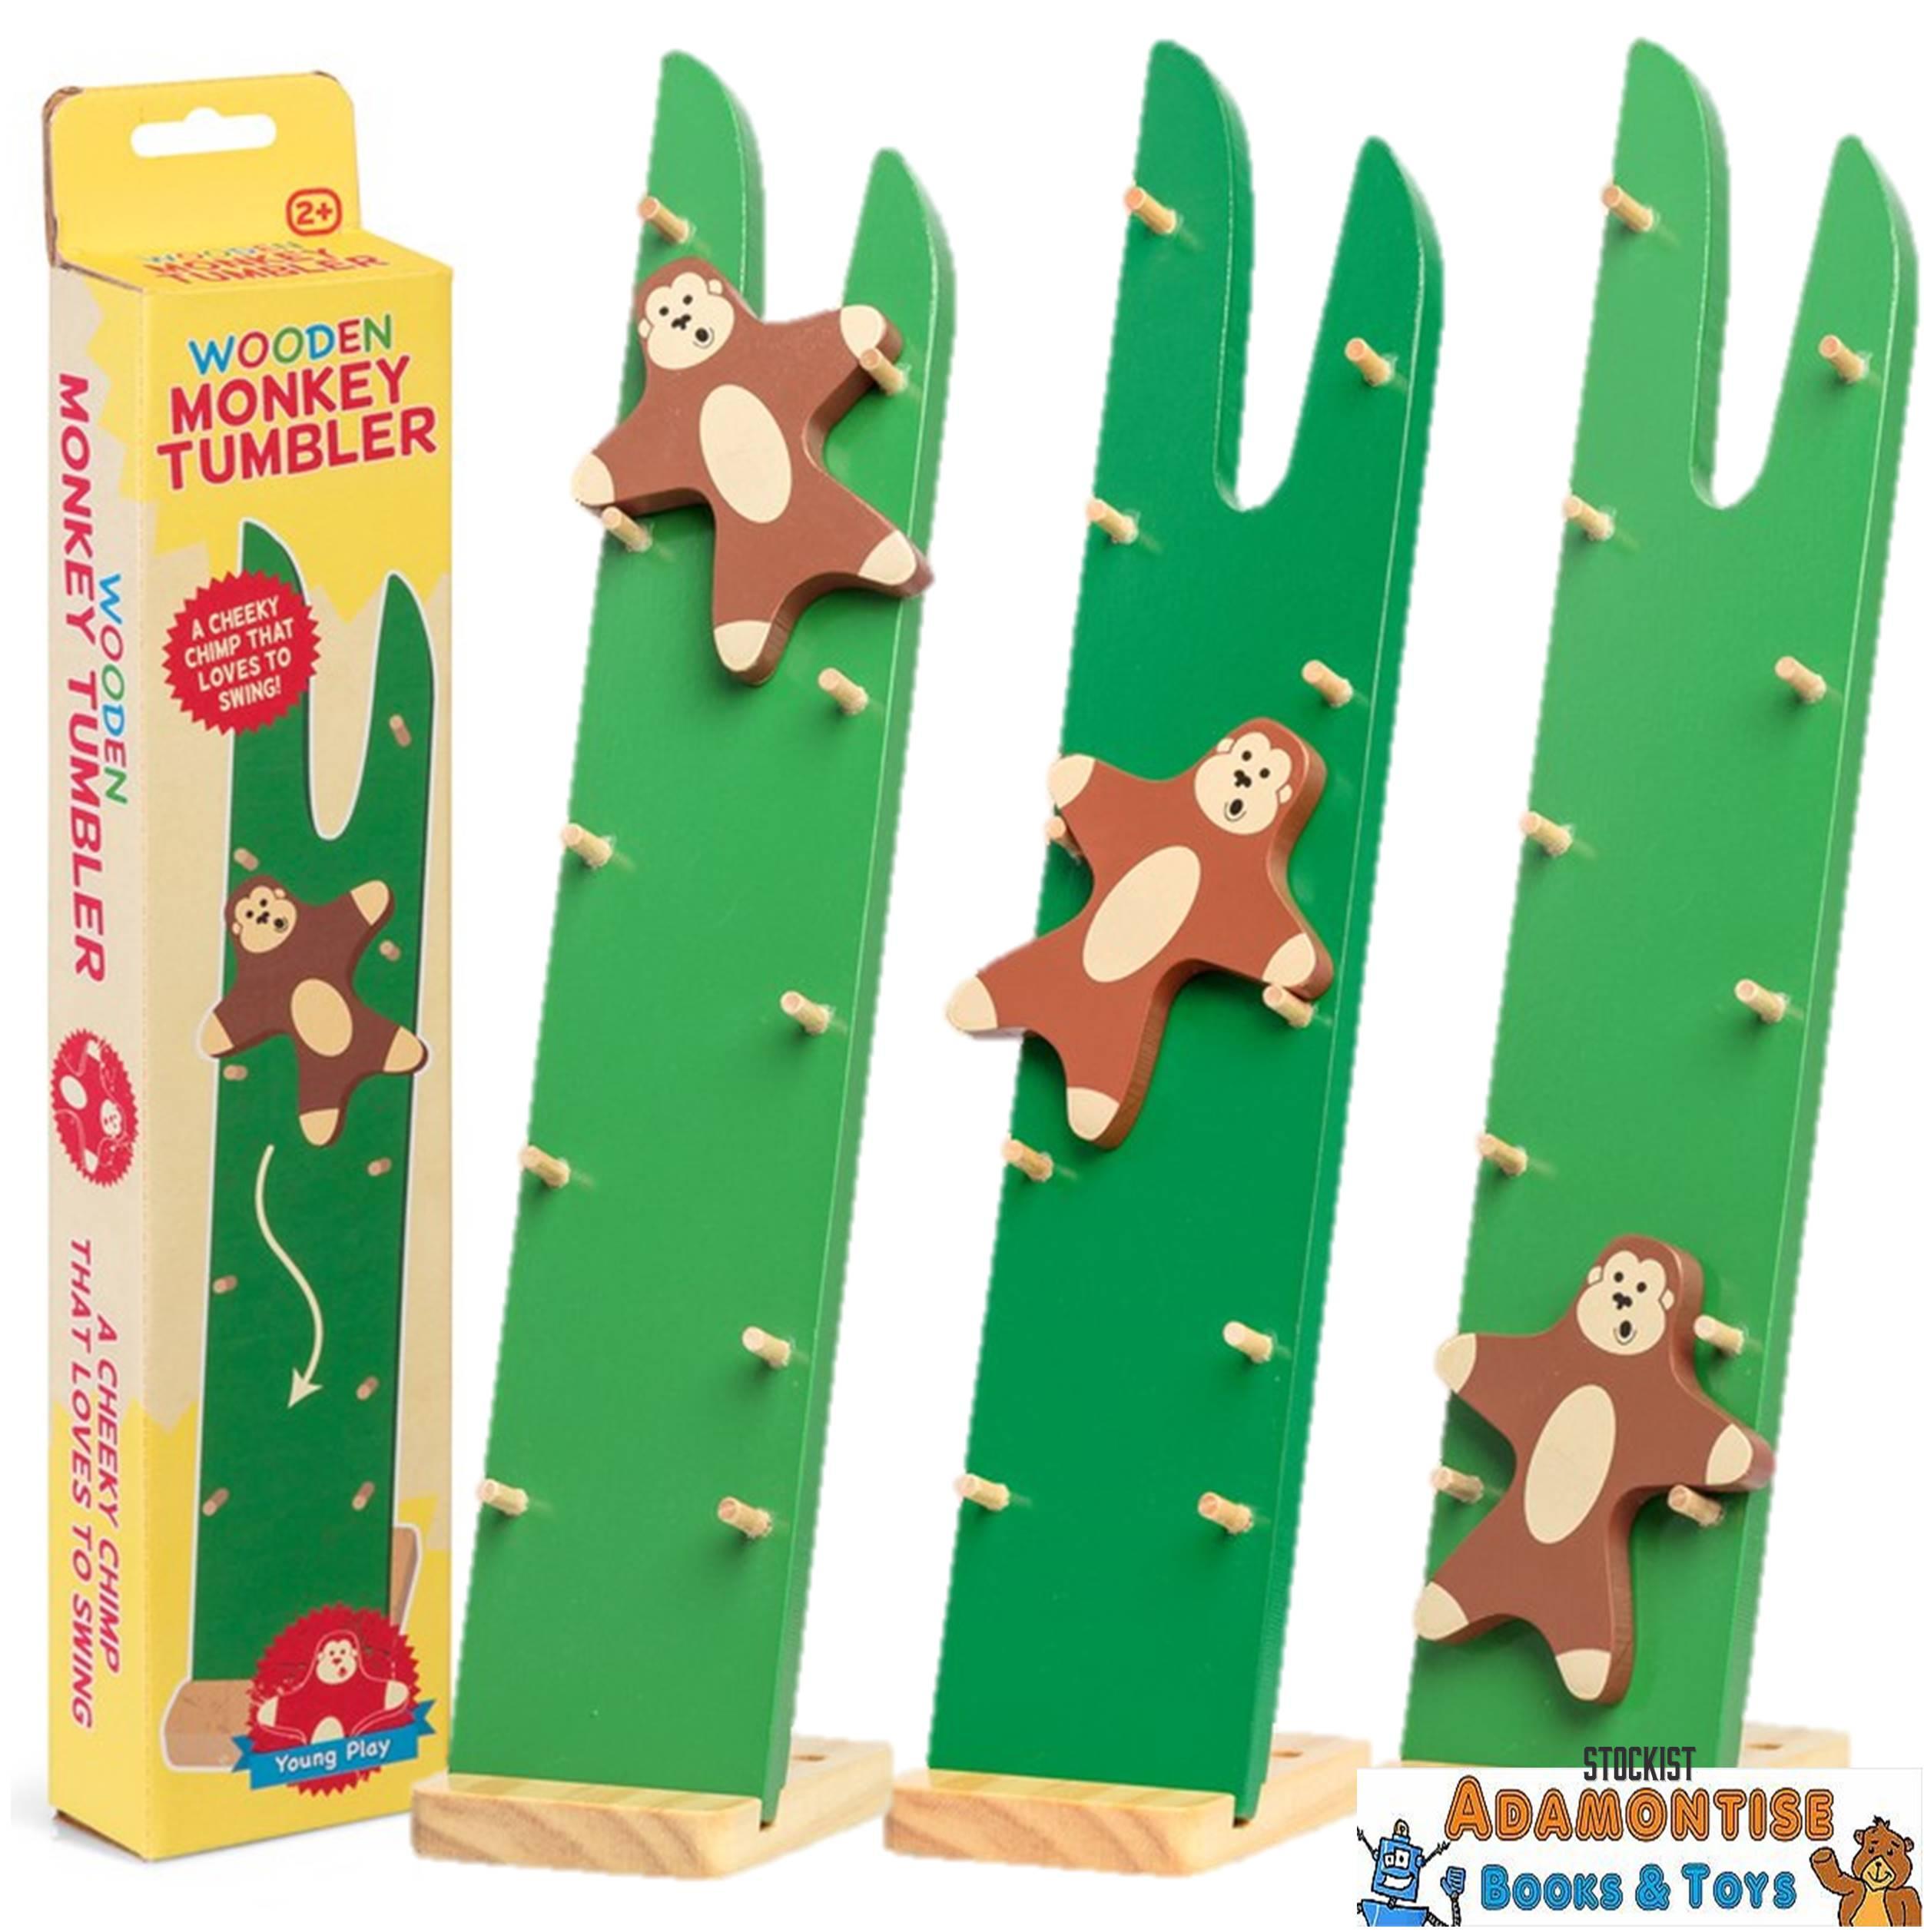 Wooden Monkey Tumbler